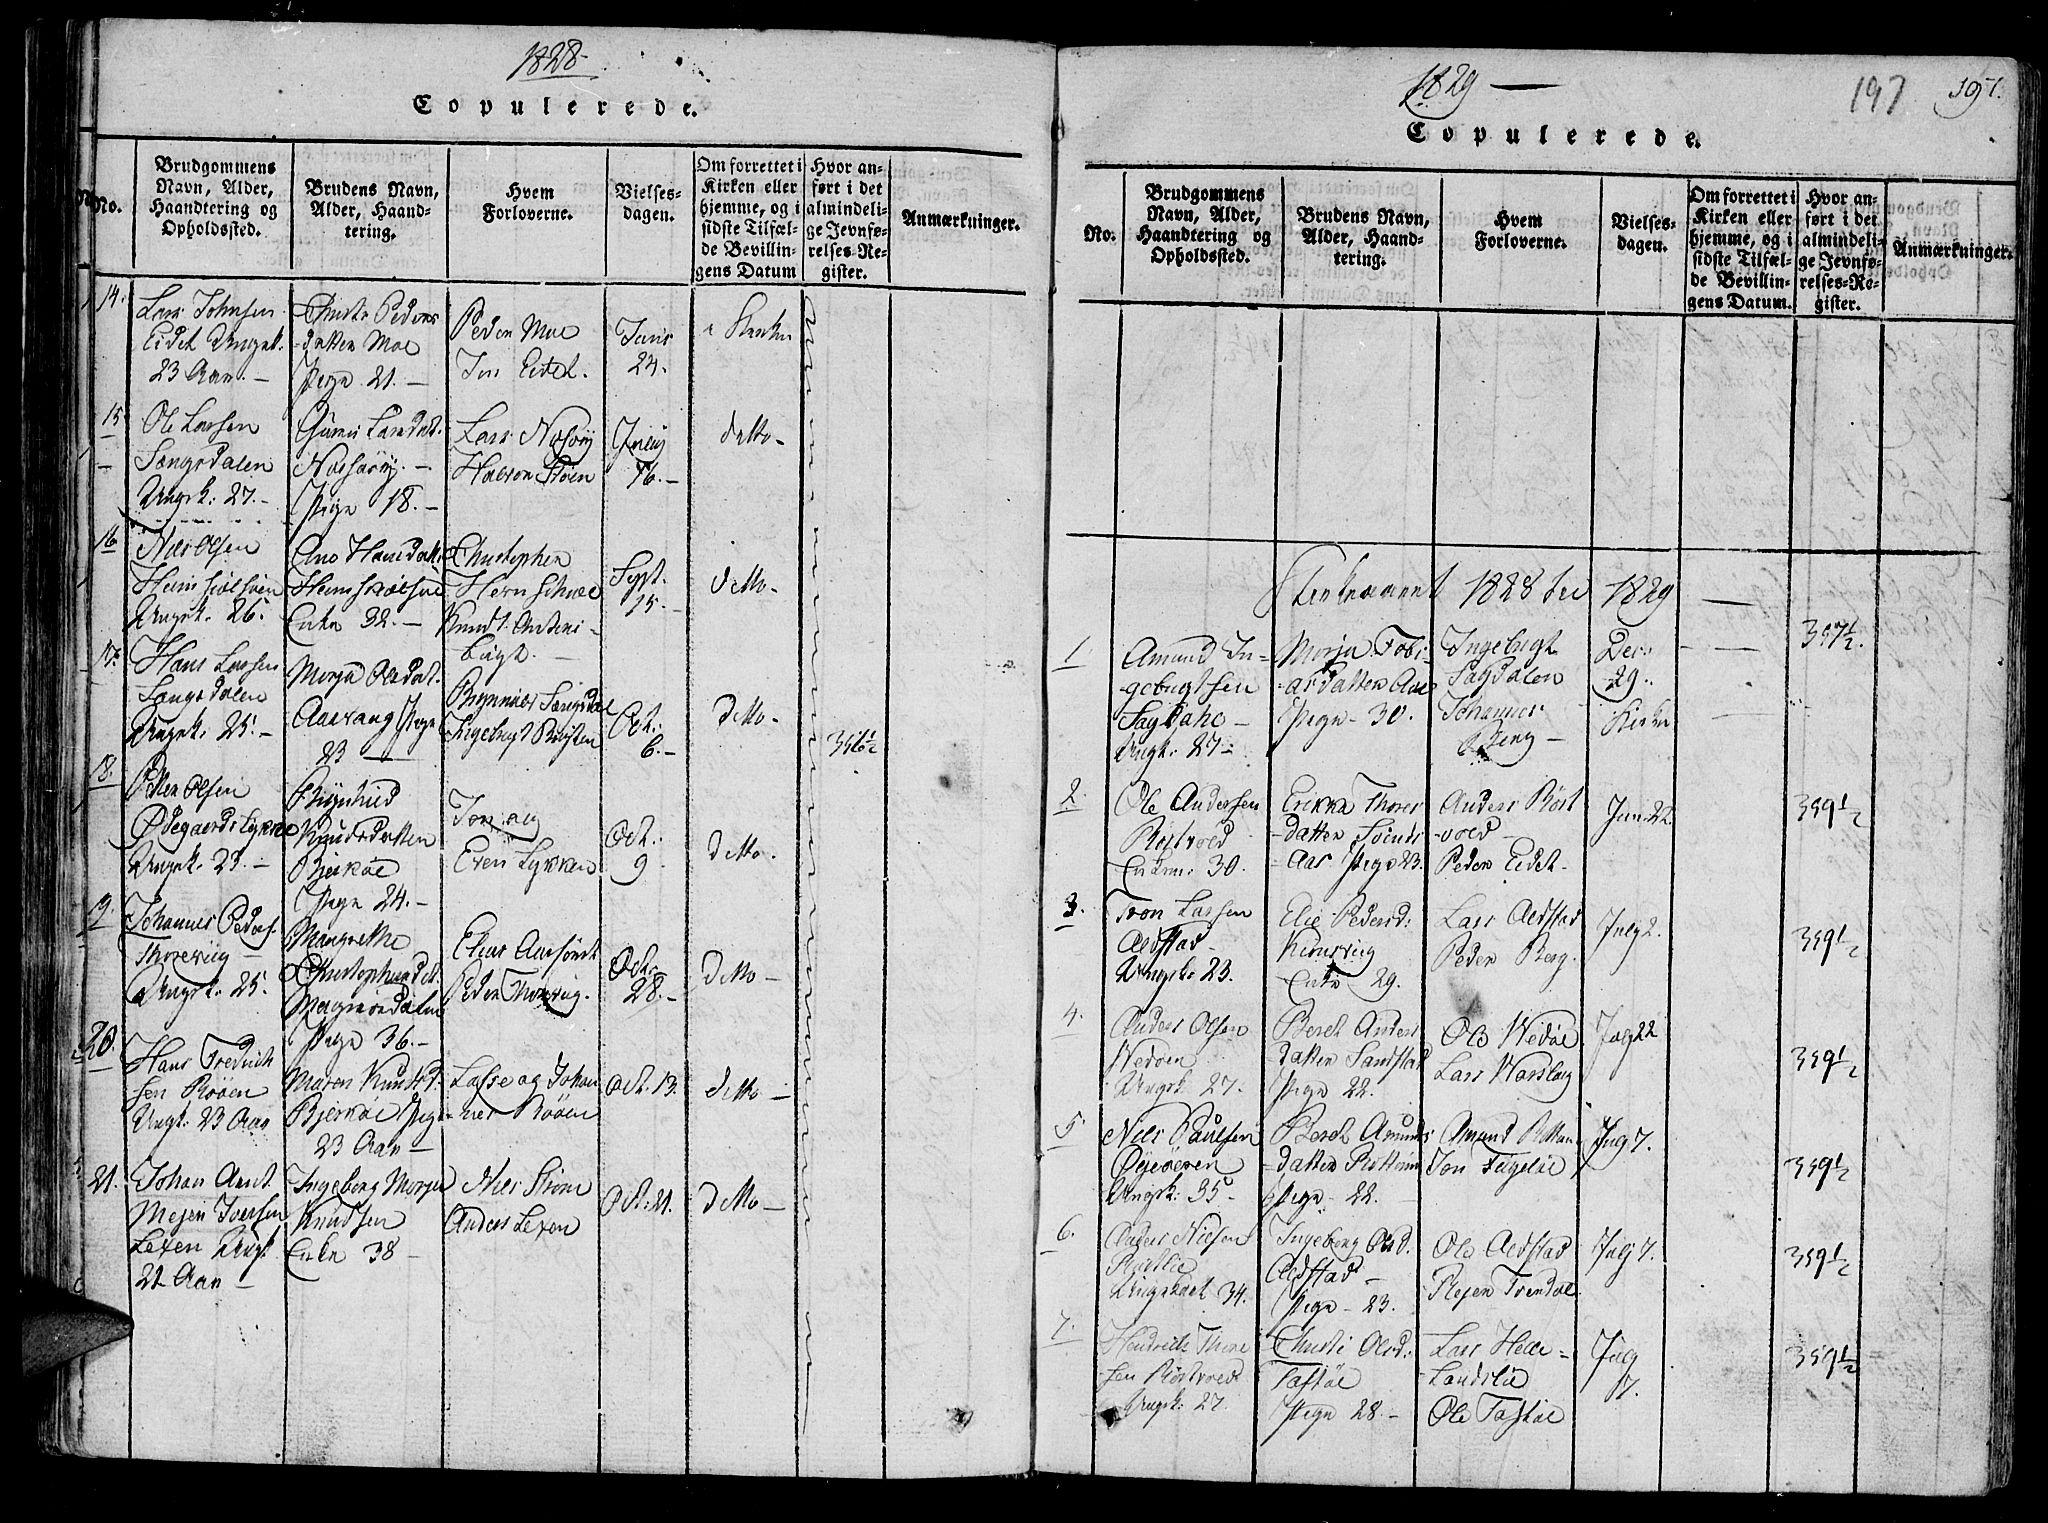 SAT, Ministerialprotokoller, klokkerbøker og fødselsregistre - Sør-Trøndelag, 630/L0491: Ministerialbok nr. 630A04, 1818-1830, s. 197